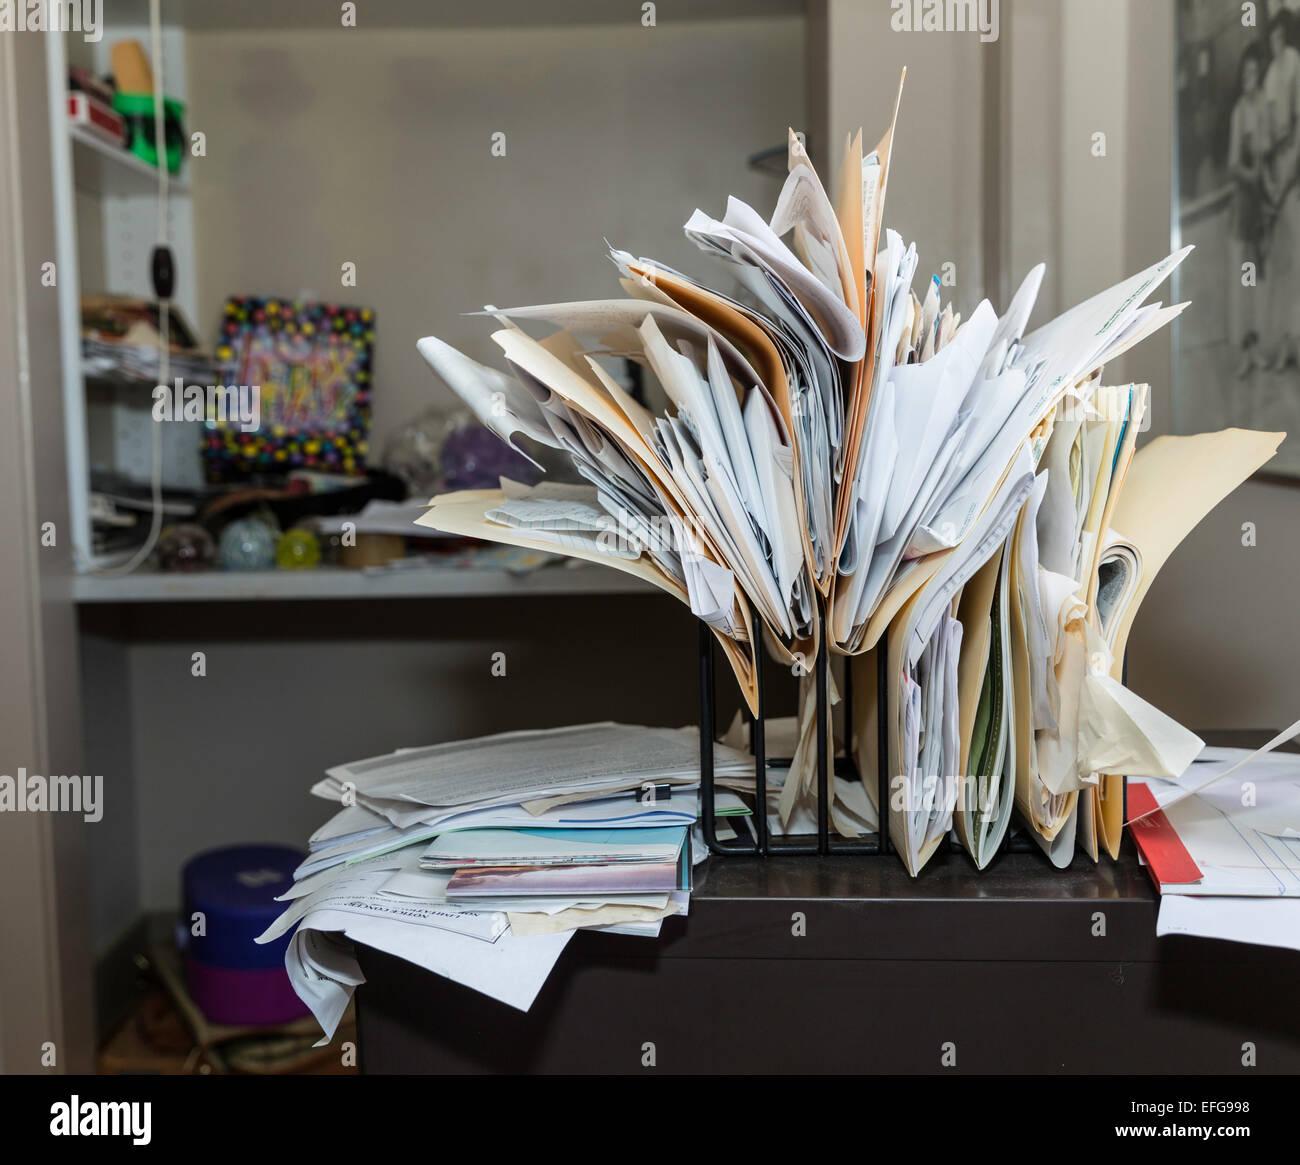 Di disordine, scrivania caotica e file Immagini Stock